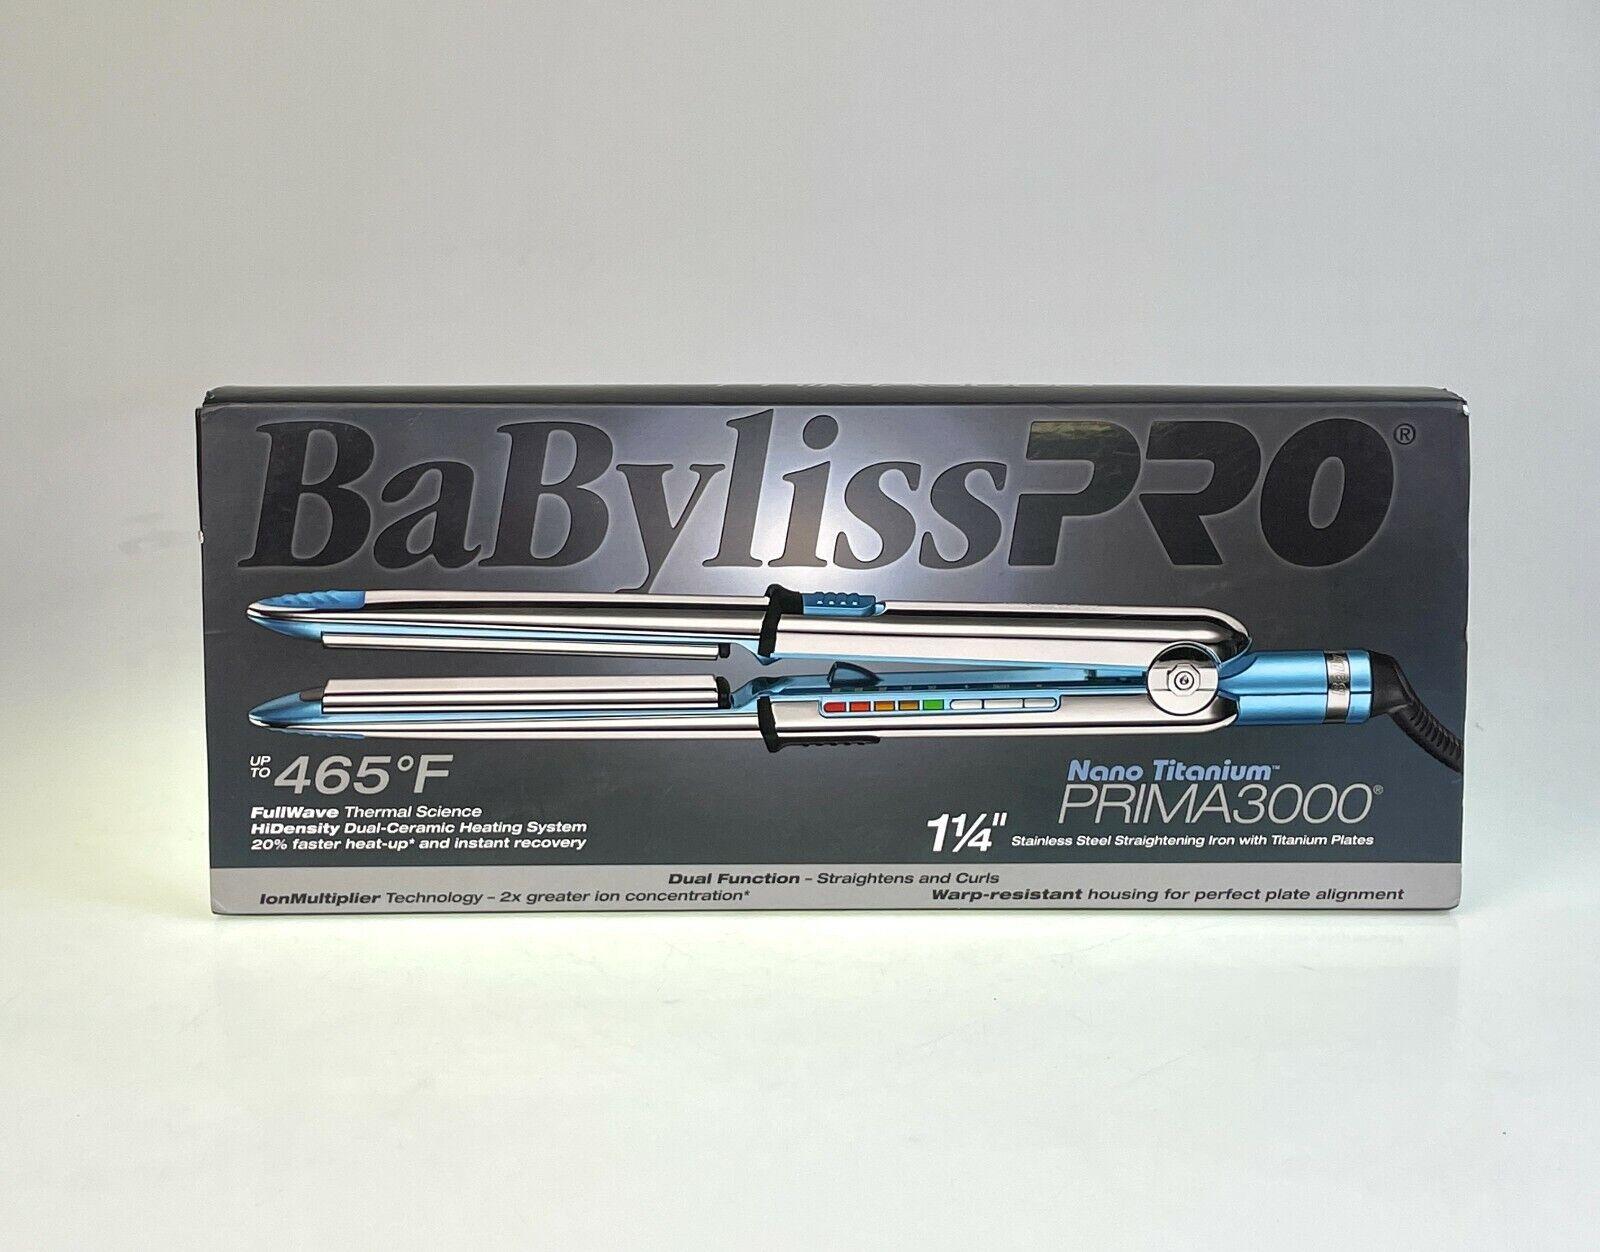 BaBylissPRO Nano Titanium Prima3000 1-1/4 NEW. 6132 - $99.99